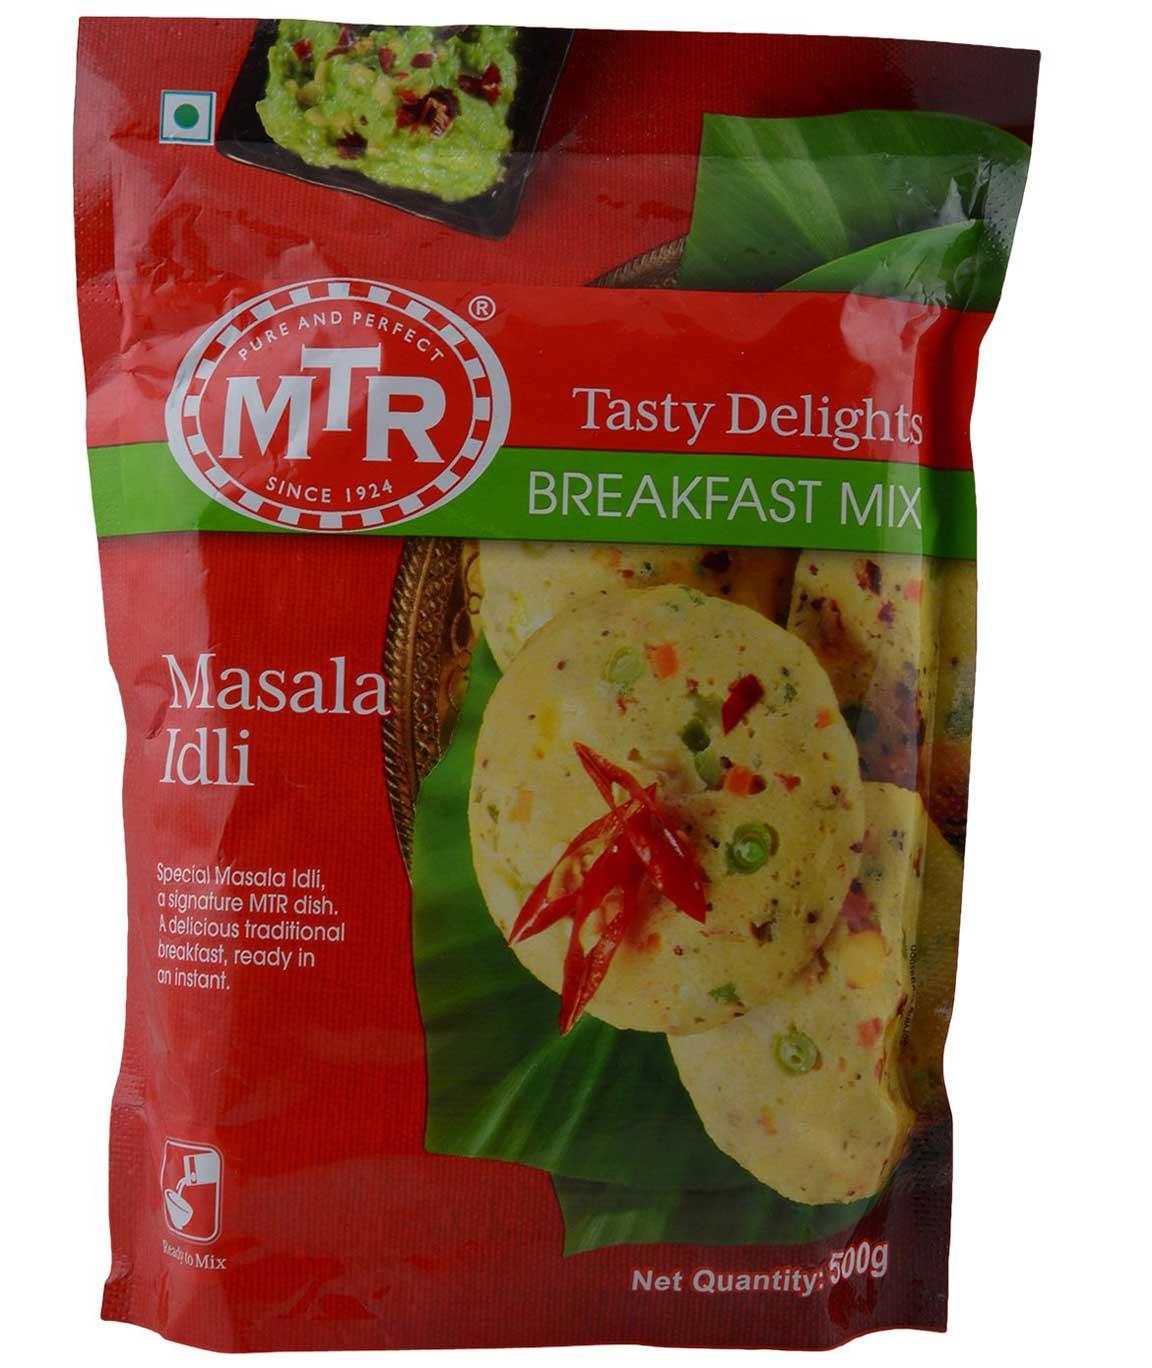 MTR Masala Idli Breakfast Mix, 500g